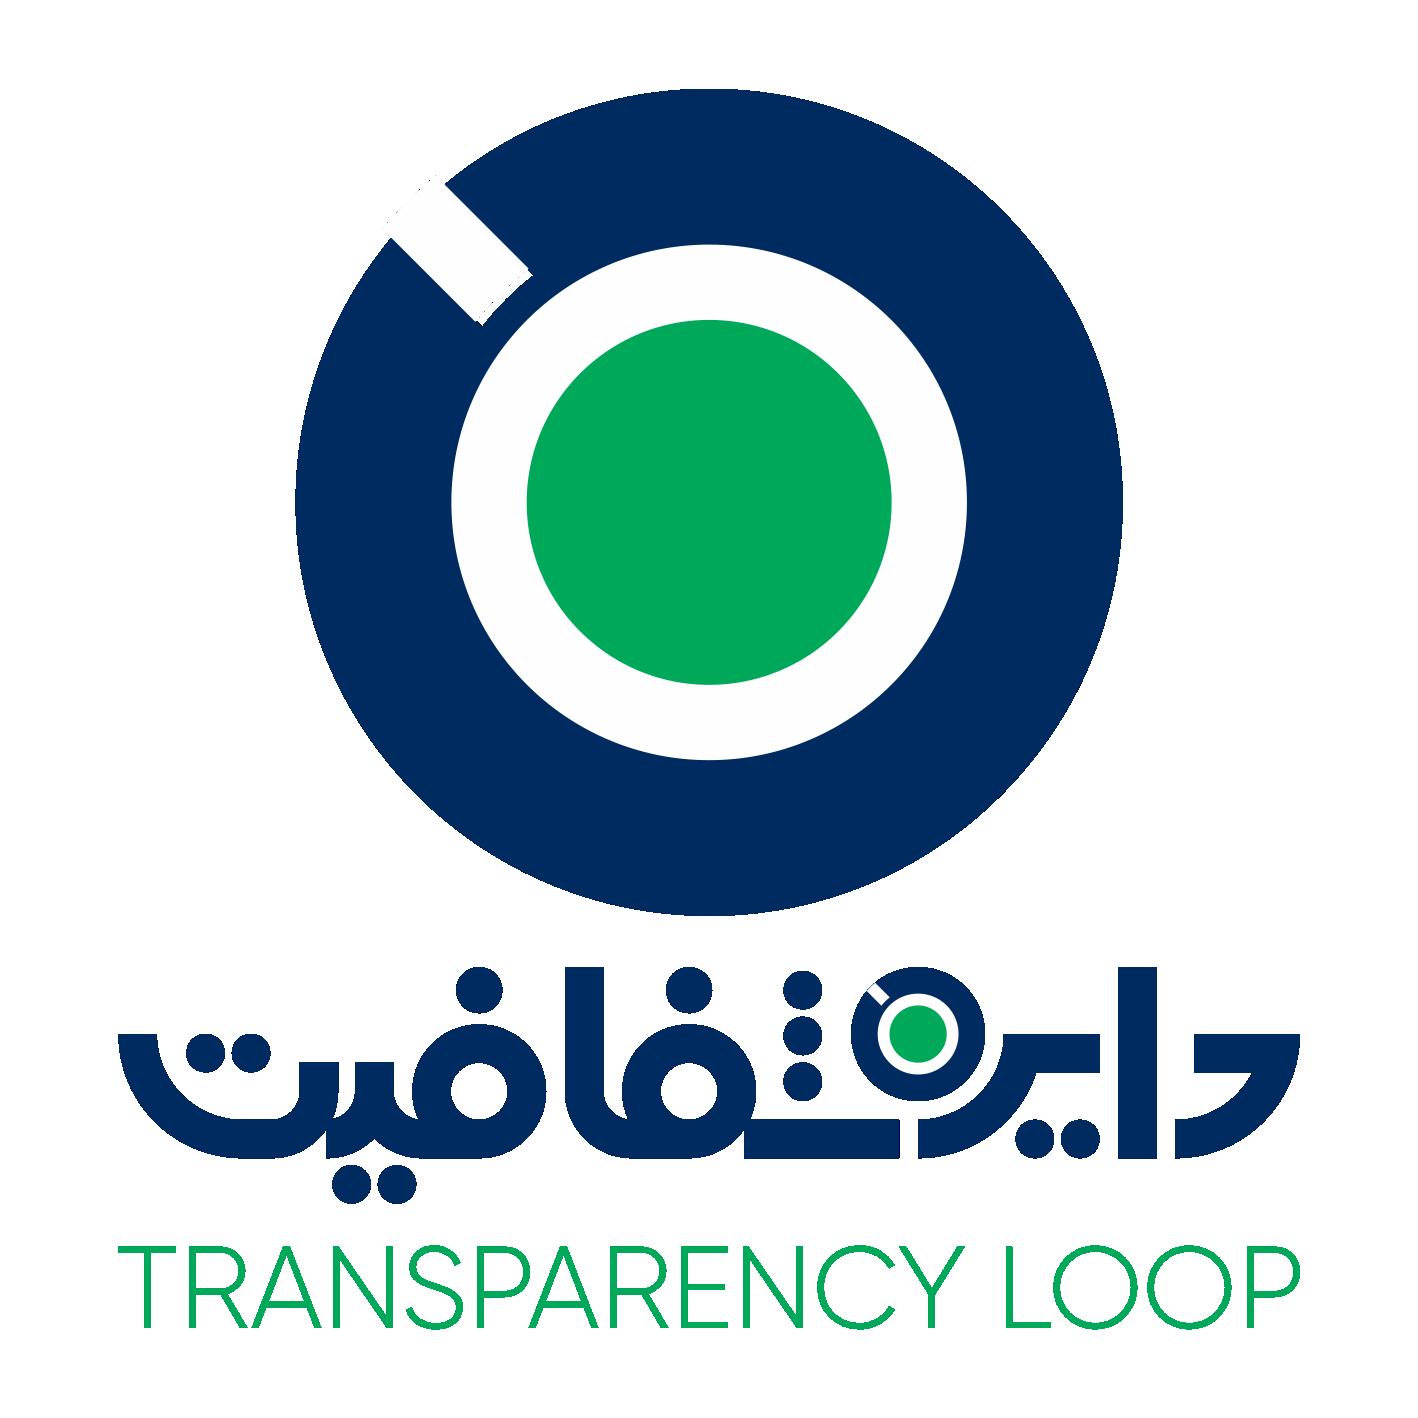 تیزر اپیزود سوم دایره شفافیت-پروژه نماسنج و گفتگو با دکتر حنیف رهبری